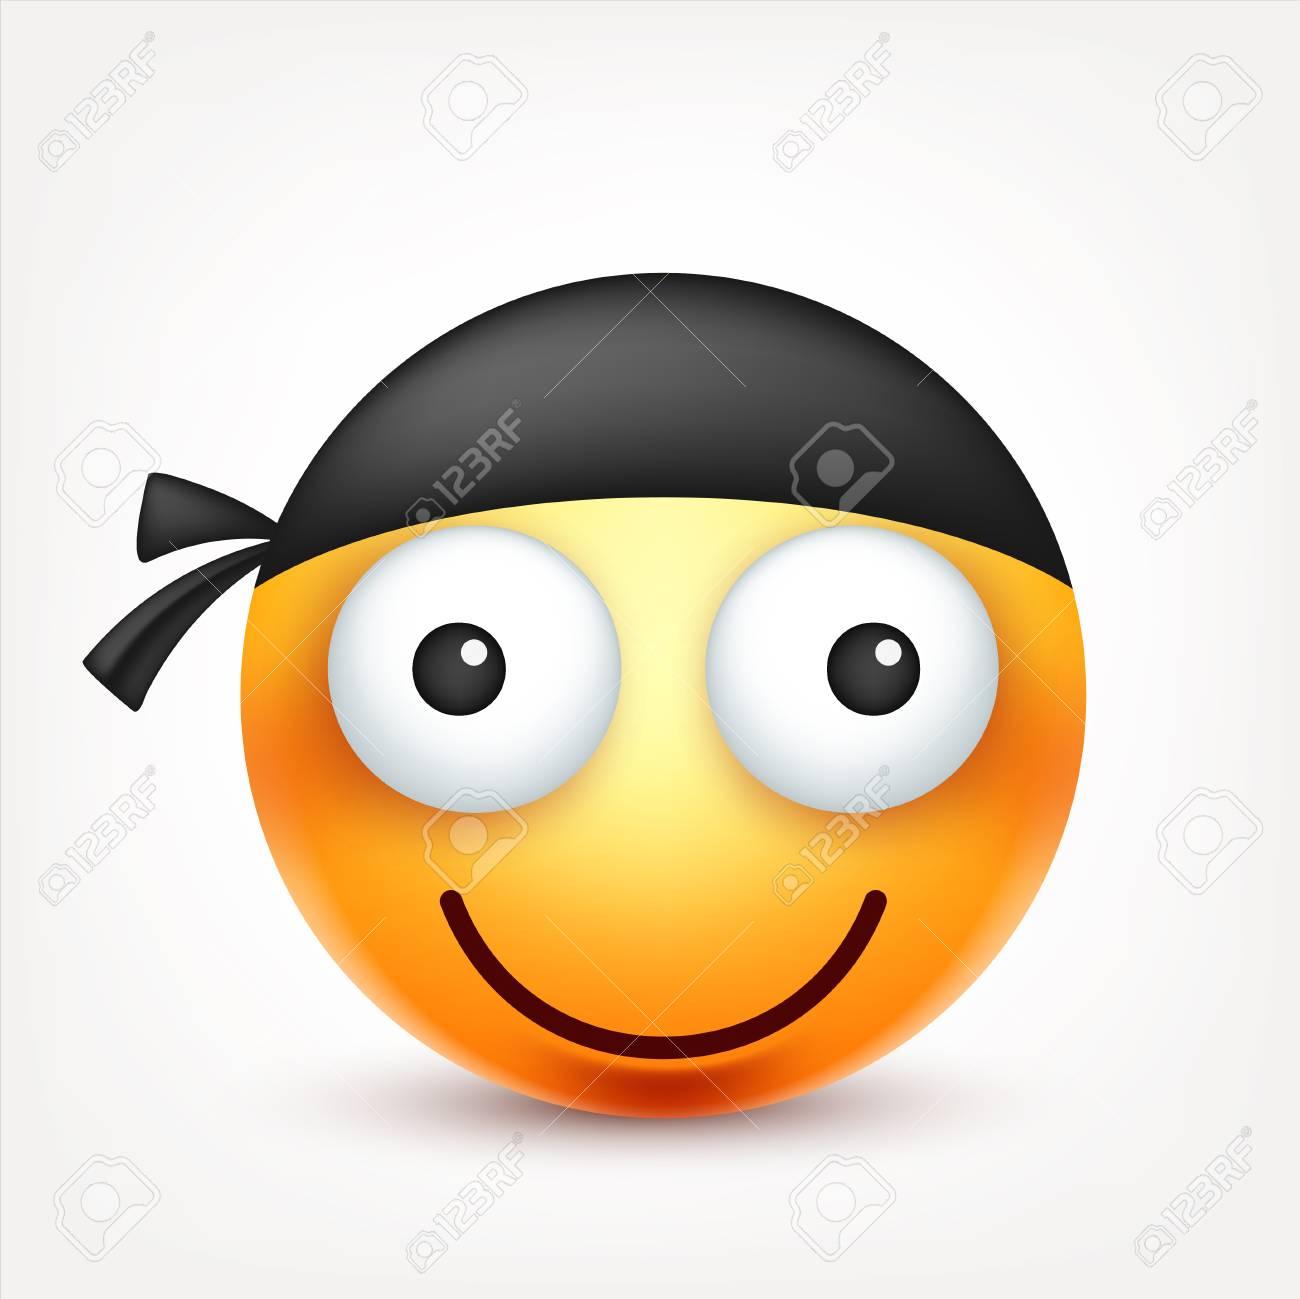 Smiley émoticône Visage Jaune Avec émotions L Expression Du Visage Emoji 3d Réaliste Caractère De Dessin Animé Drôle Bonne Qualité Icône Web